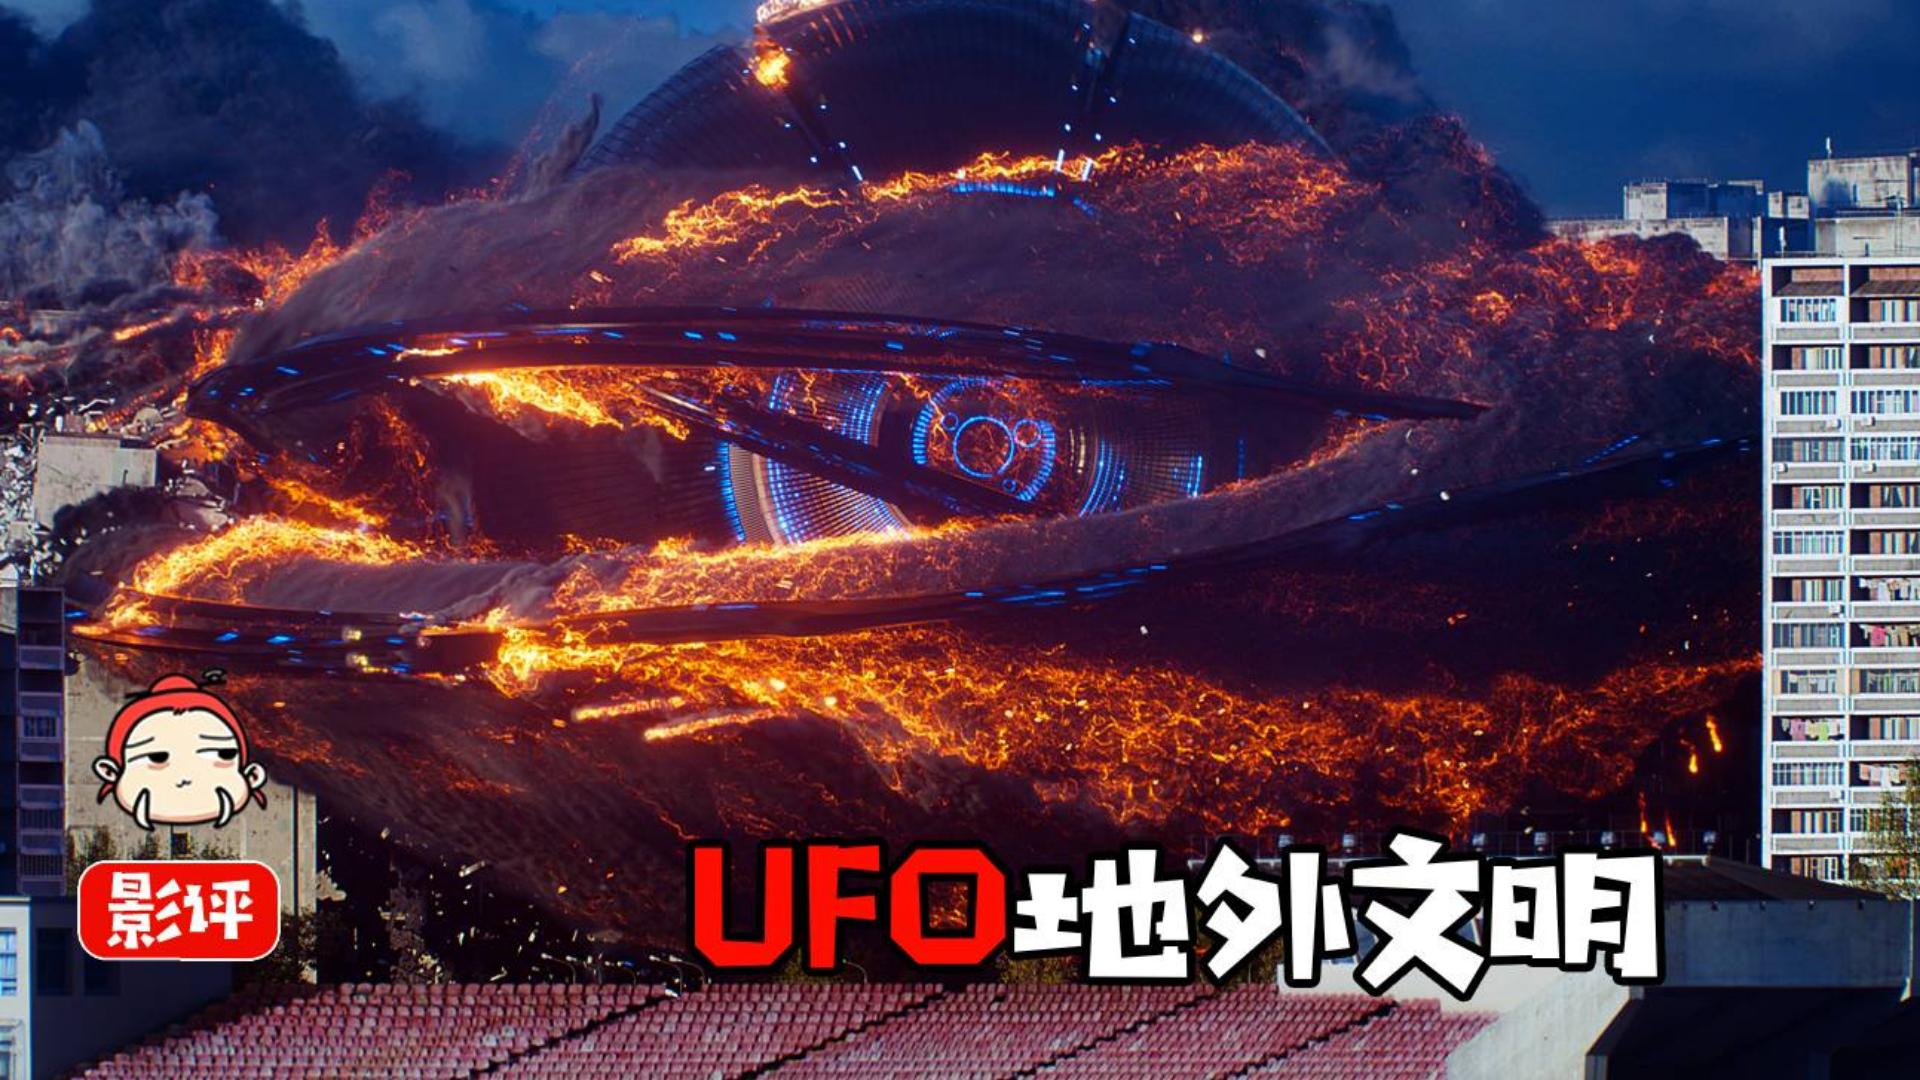 UFO被大炮击落,掉出来一个二货外星人, 白瞎这身装备了